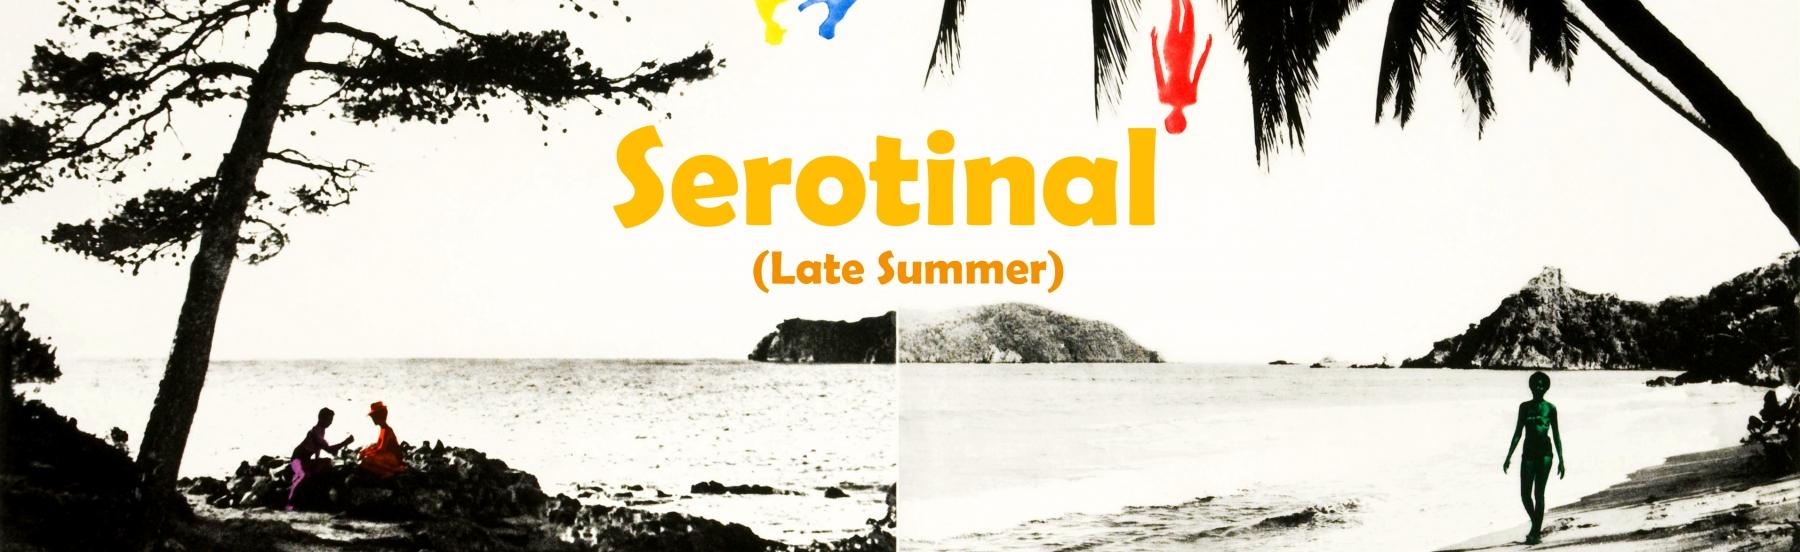 Serotinal